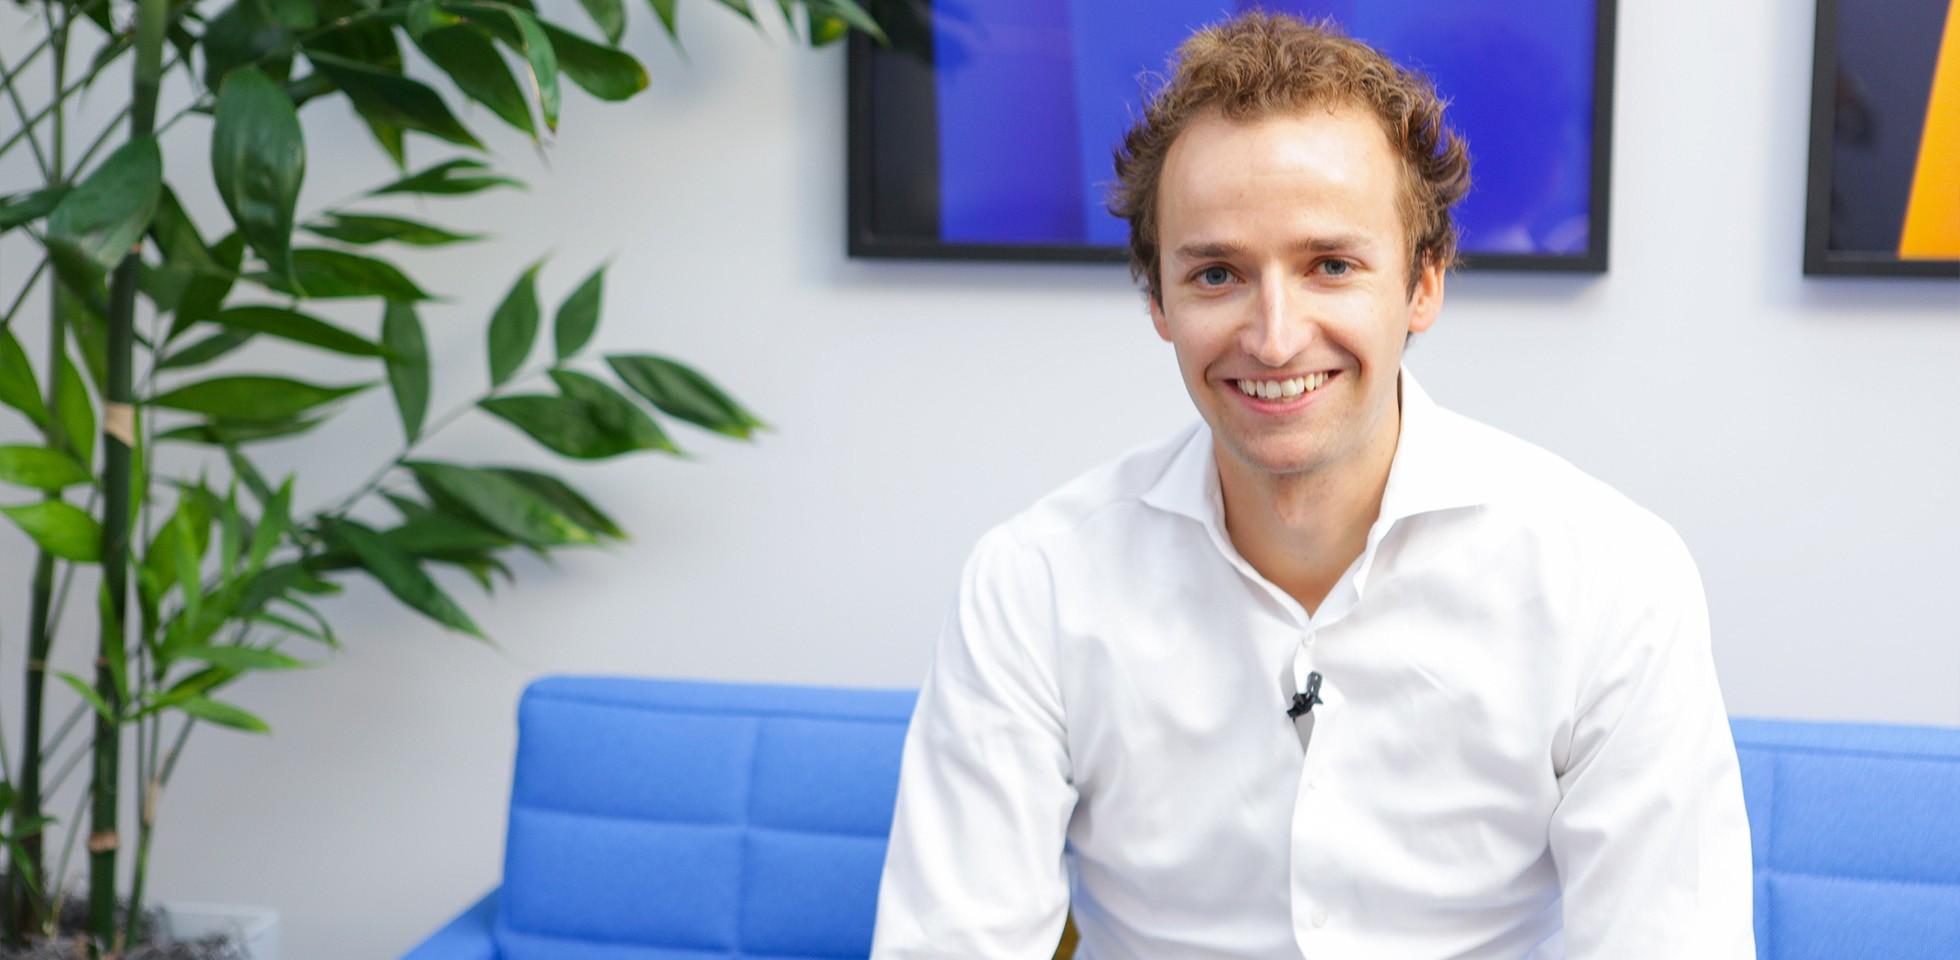 Sebastiaan Mook, Business Planning Manager - HP Careers